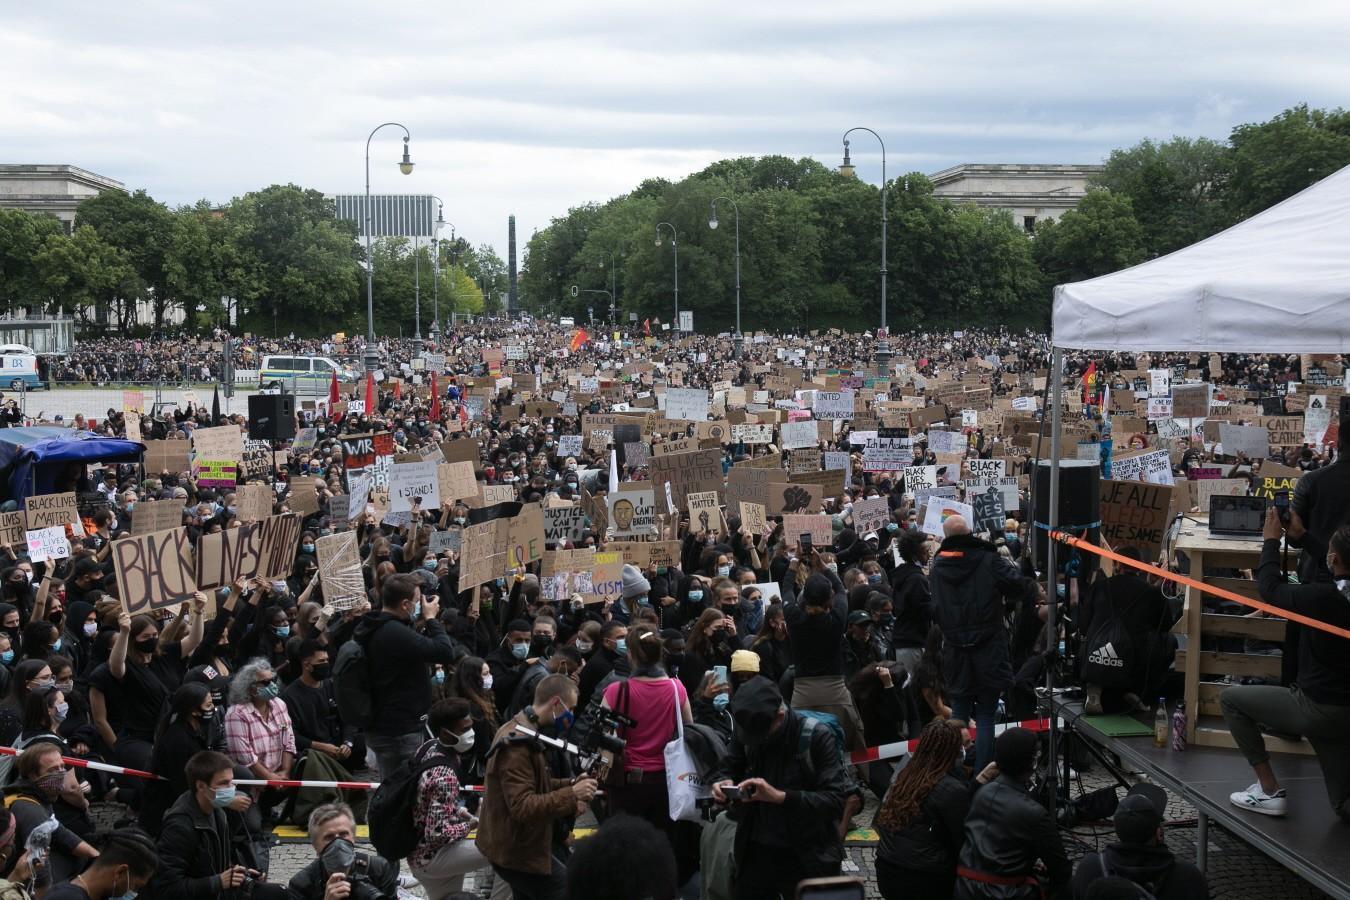 Zehntausende demonstrieren gegen Rassismusmünchen1.cleaned